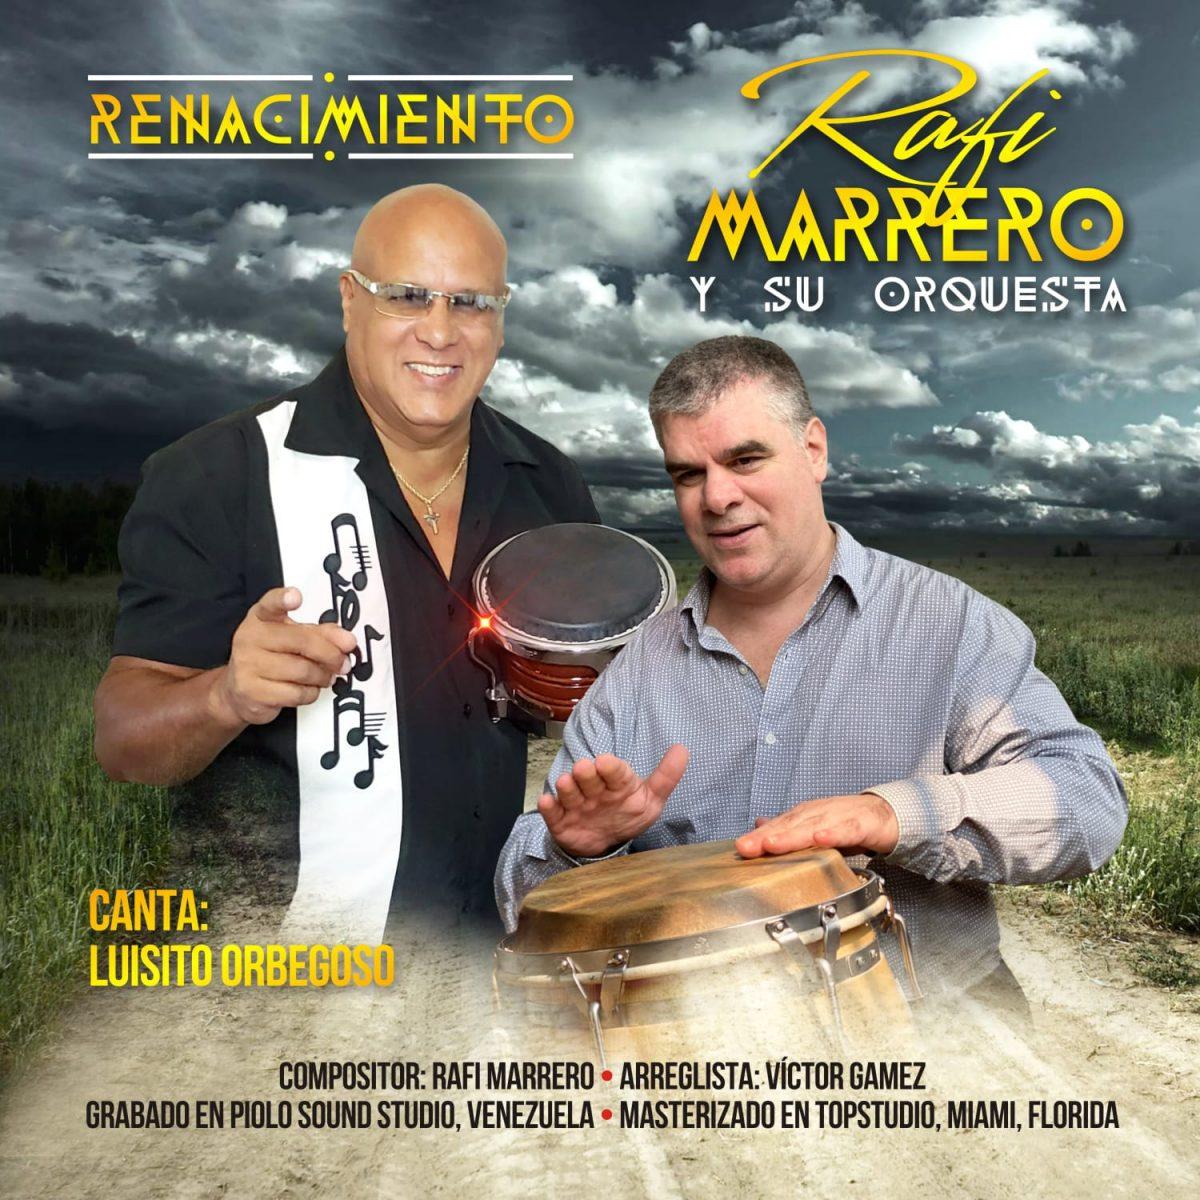 RENACIMIENTO – RAFI MARRERO Y SU ORQUESTA – CANTA: LUISITO ORBEGOSO